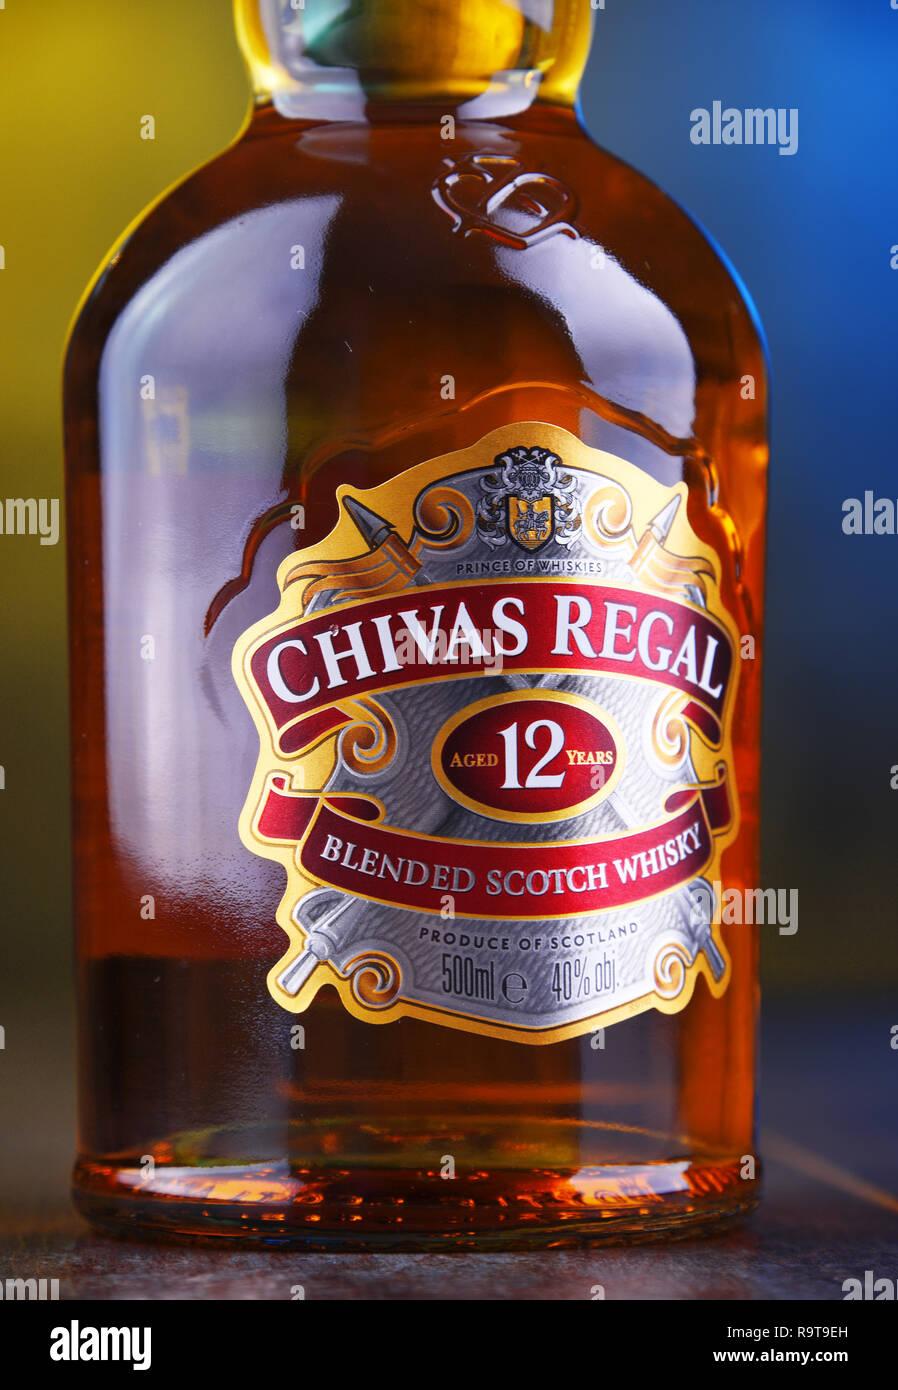 che risale una bottiglia di Chivas Regal vantaggi di uscire con una madre single